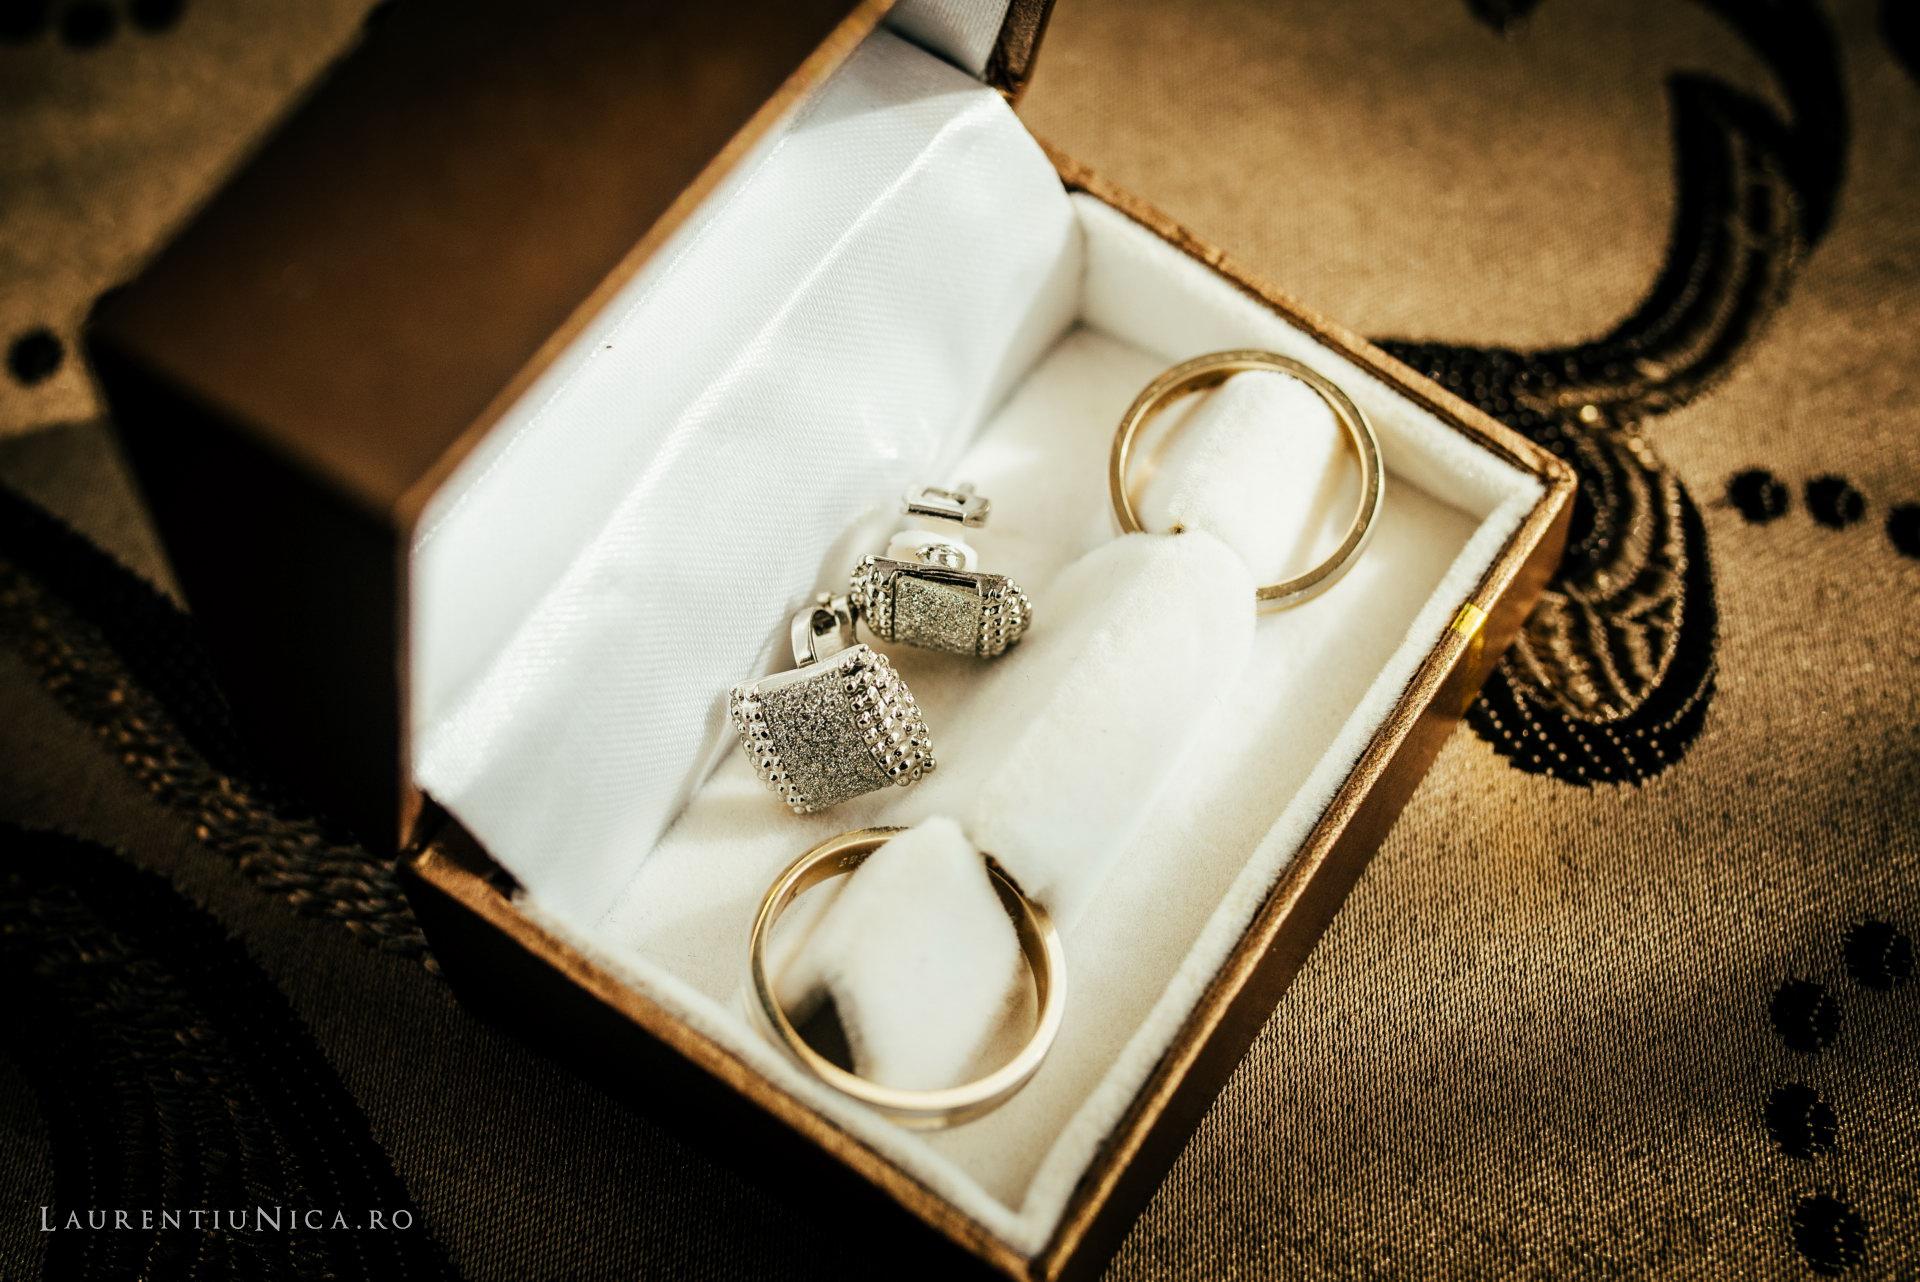 daniela si marius fotografii nunta craiova laurentiu nica05 - Daniela & Marius | Fotografii nunta